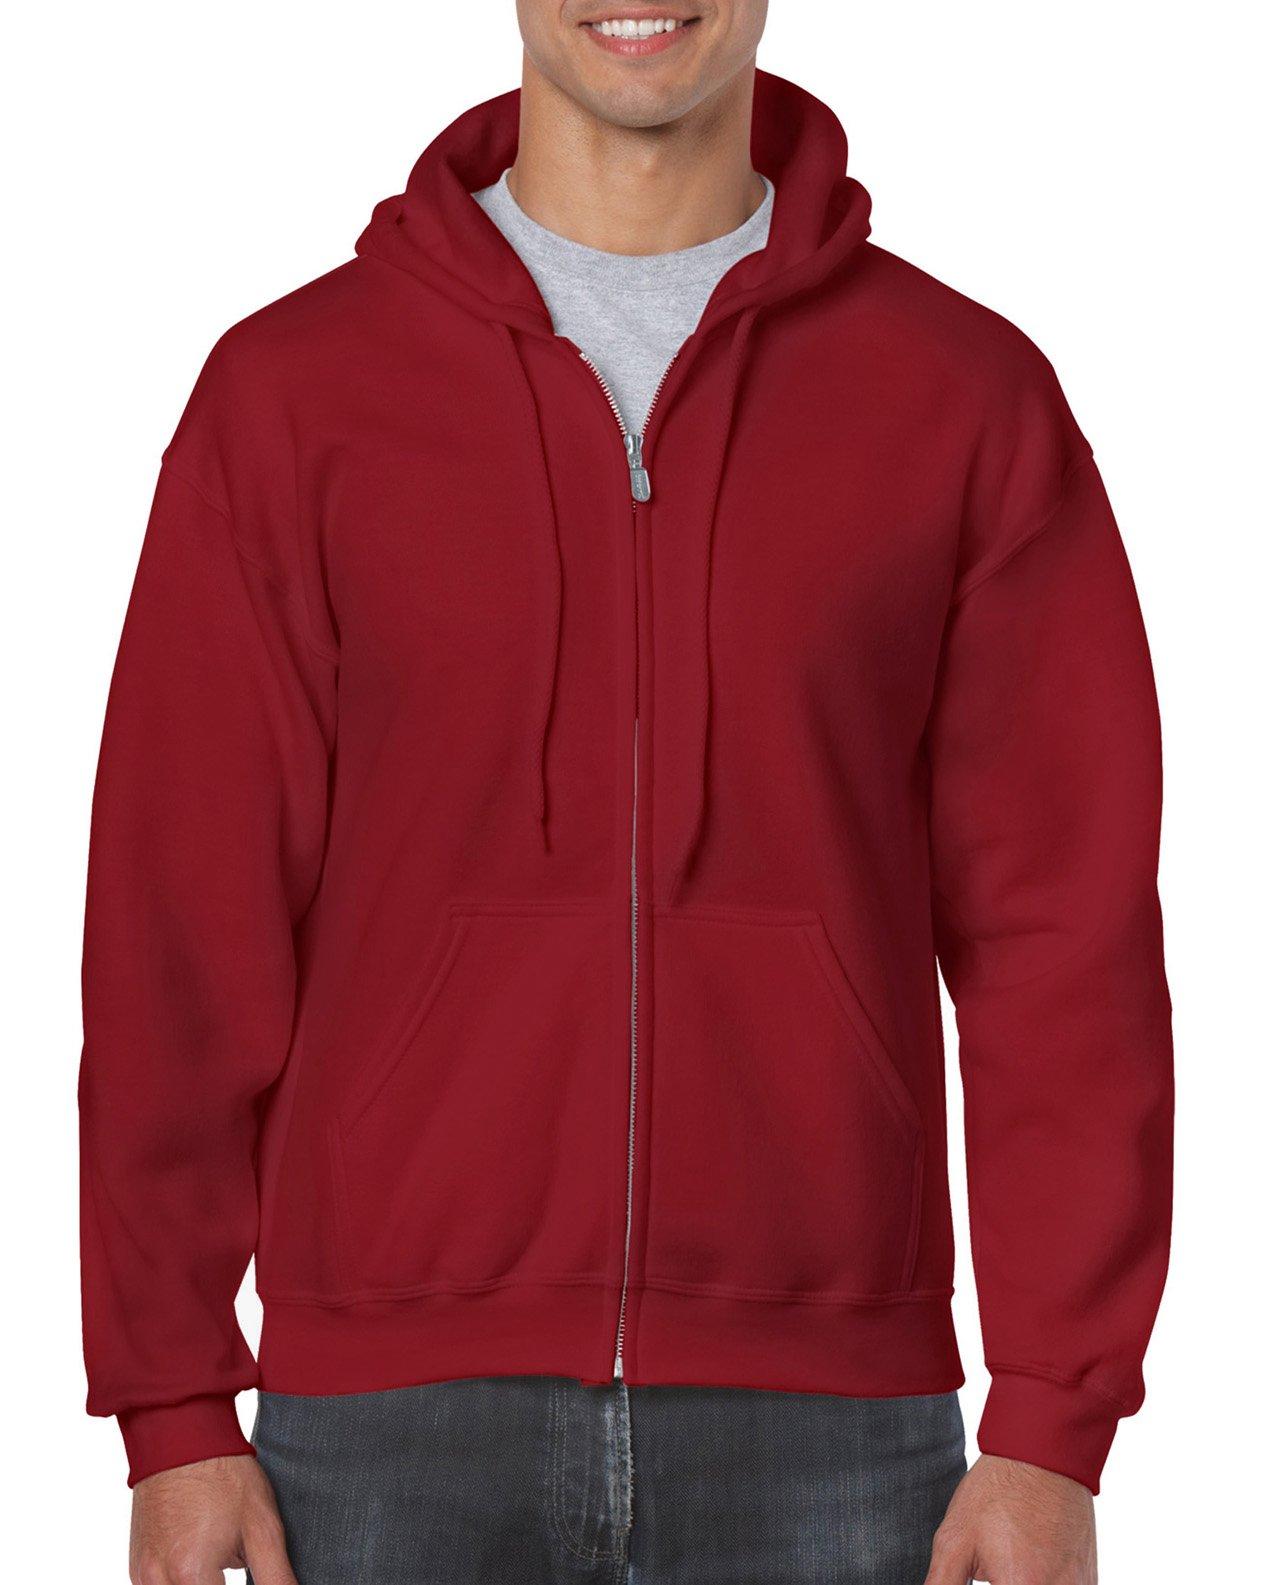 Gildan Men's Fleece Zip Hooded Sweatshirt Cardinal